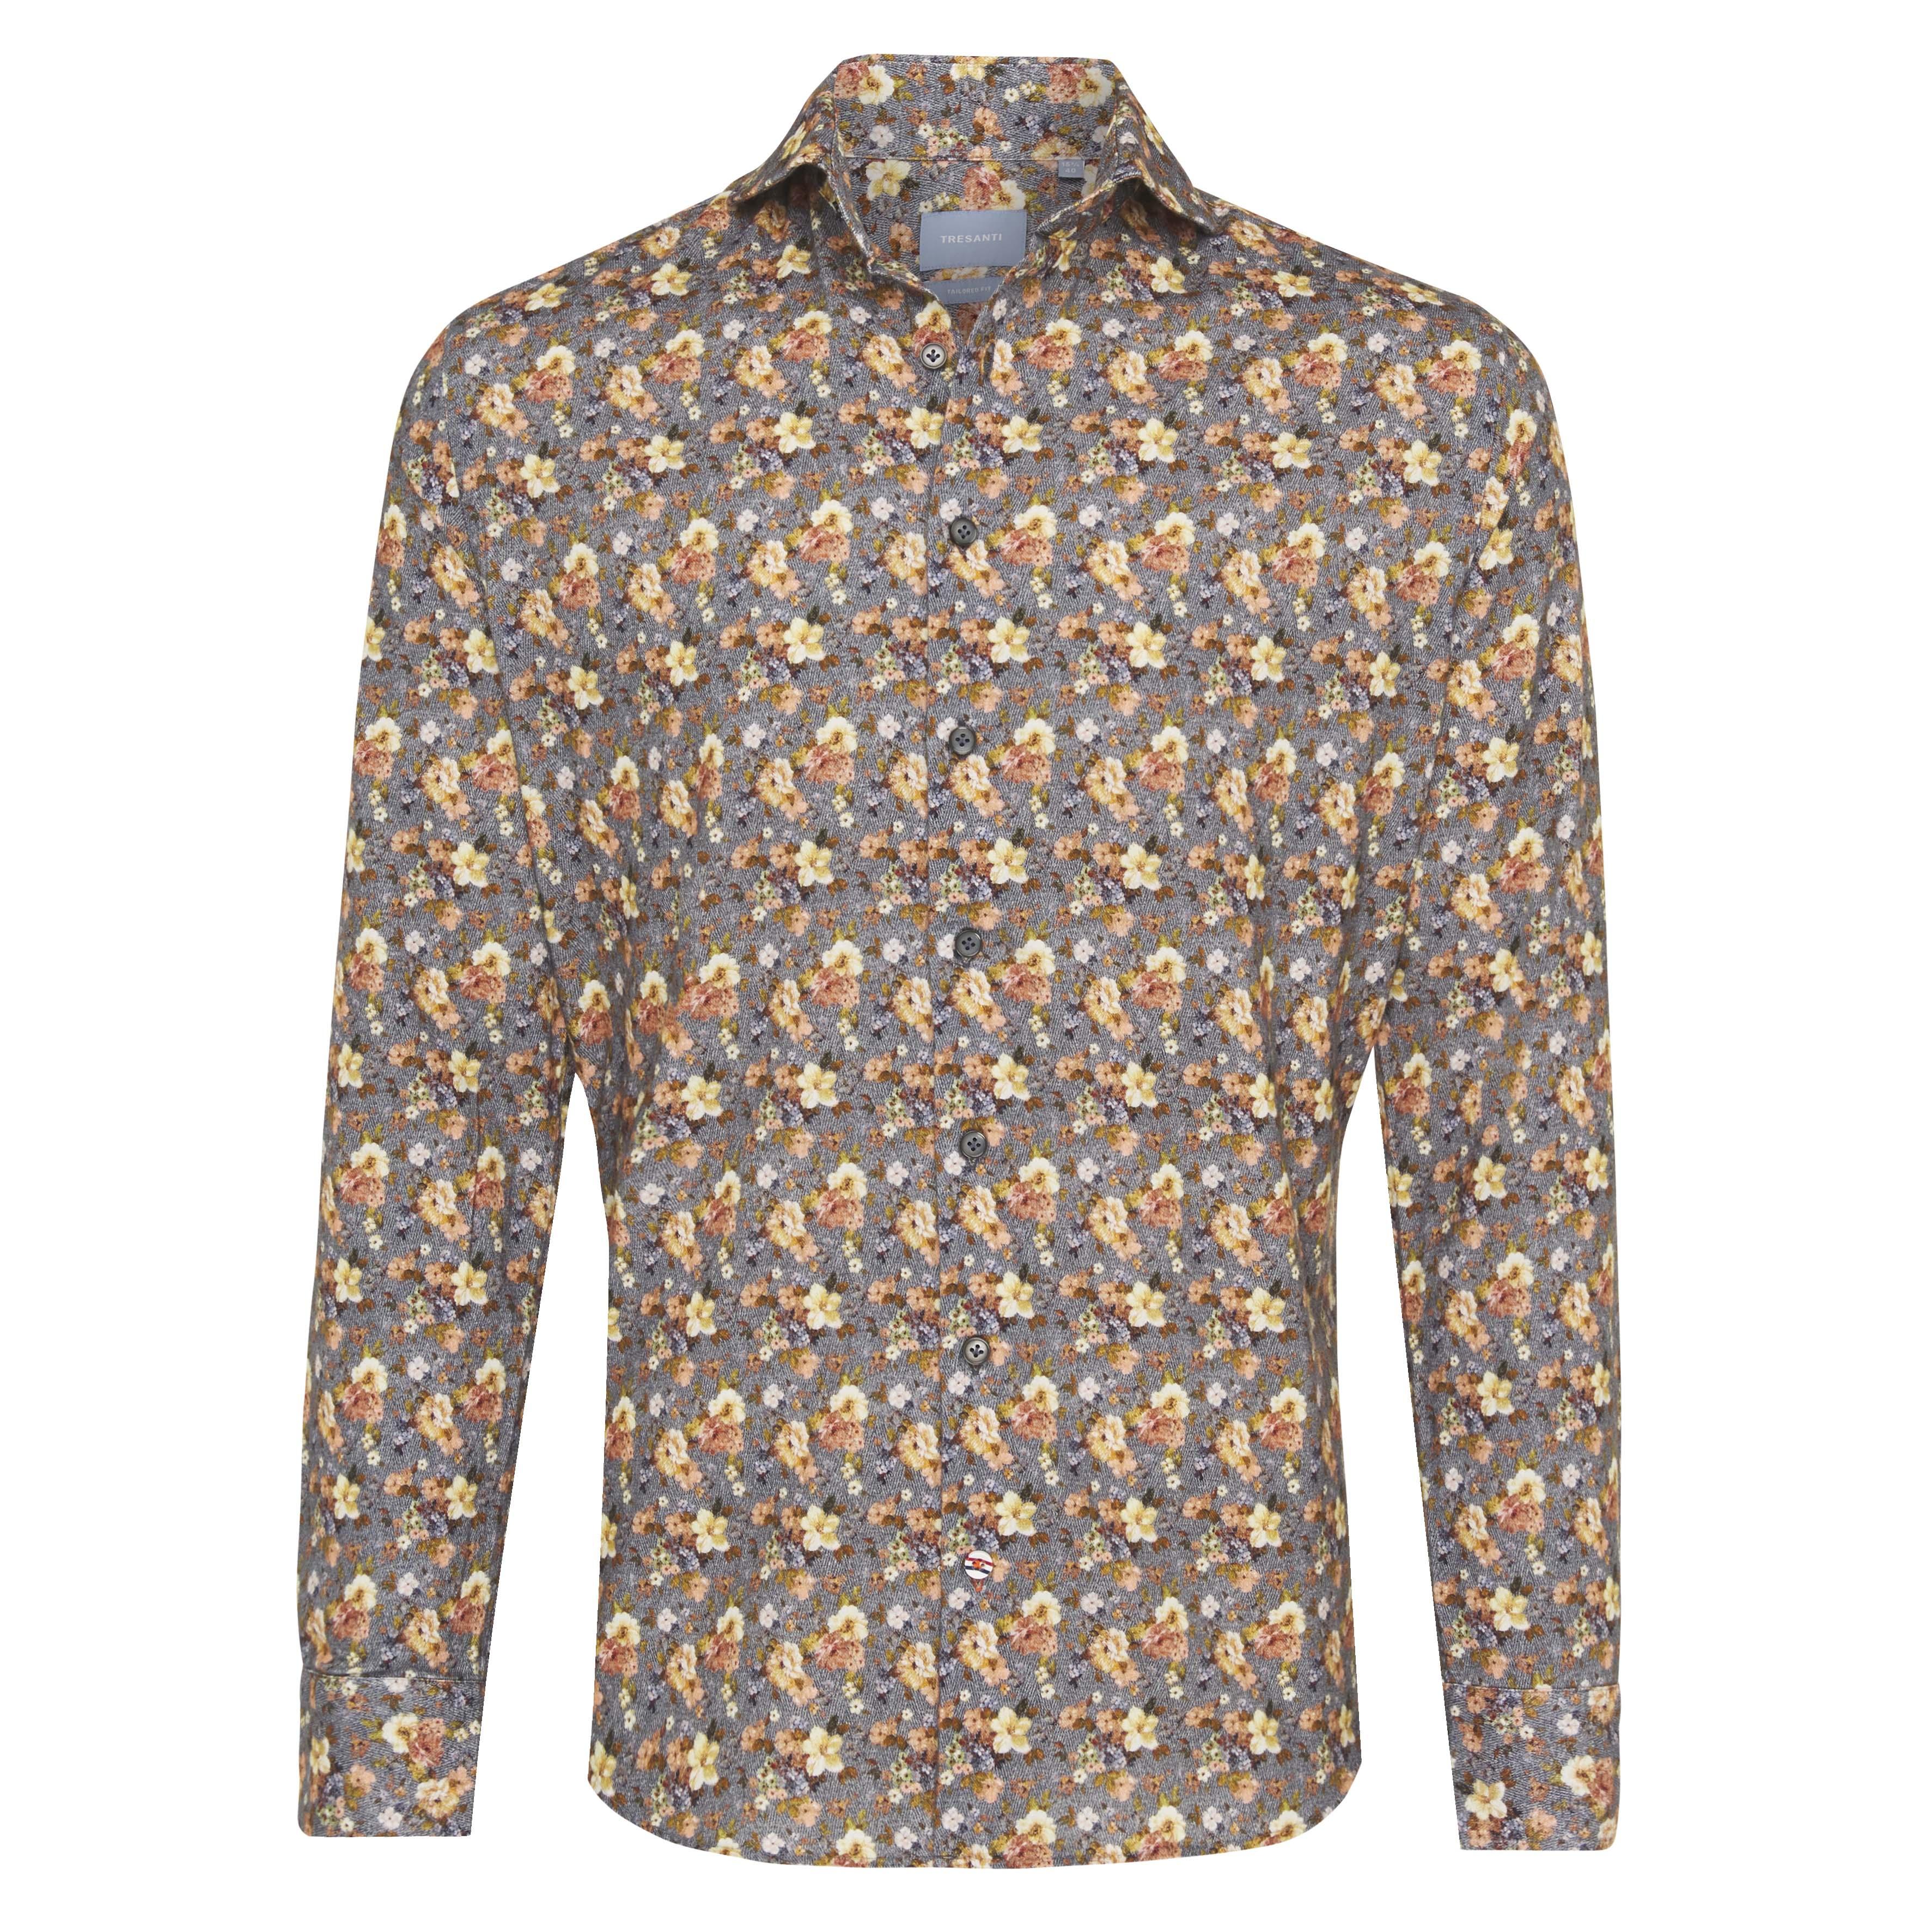 Jerano | Shirt flower print on herringbone yellow